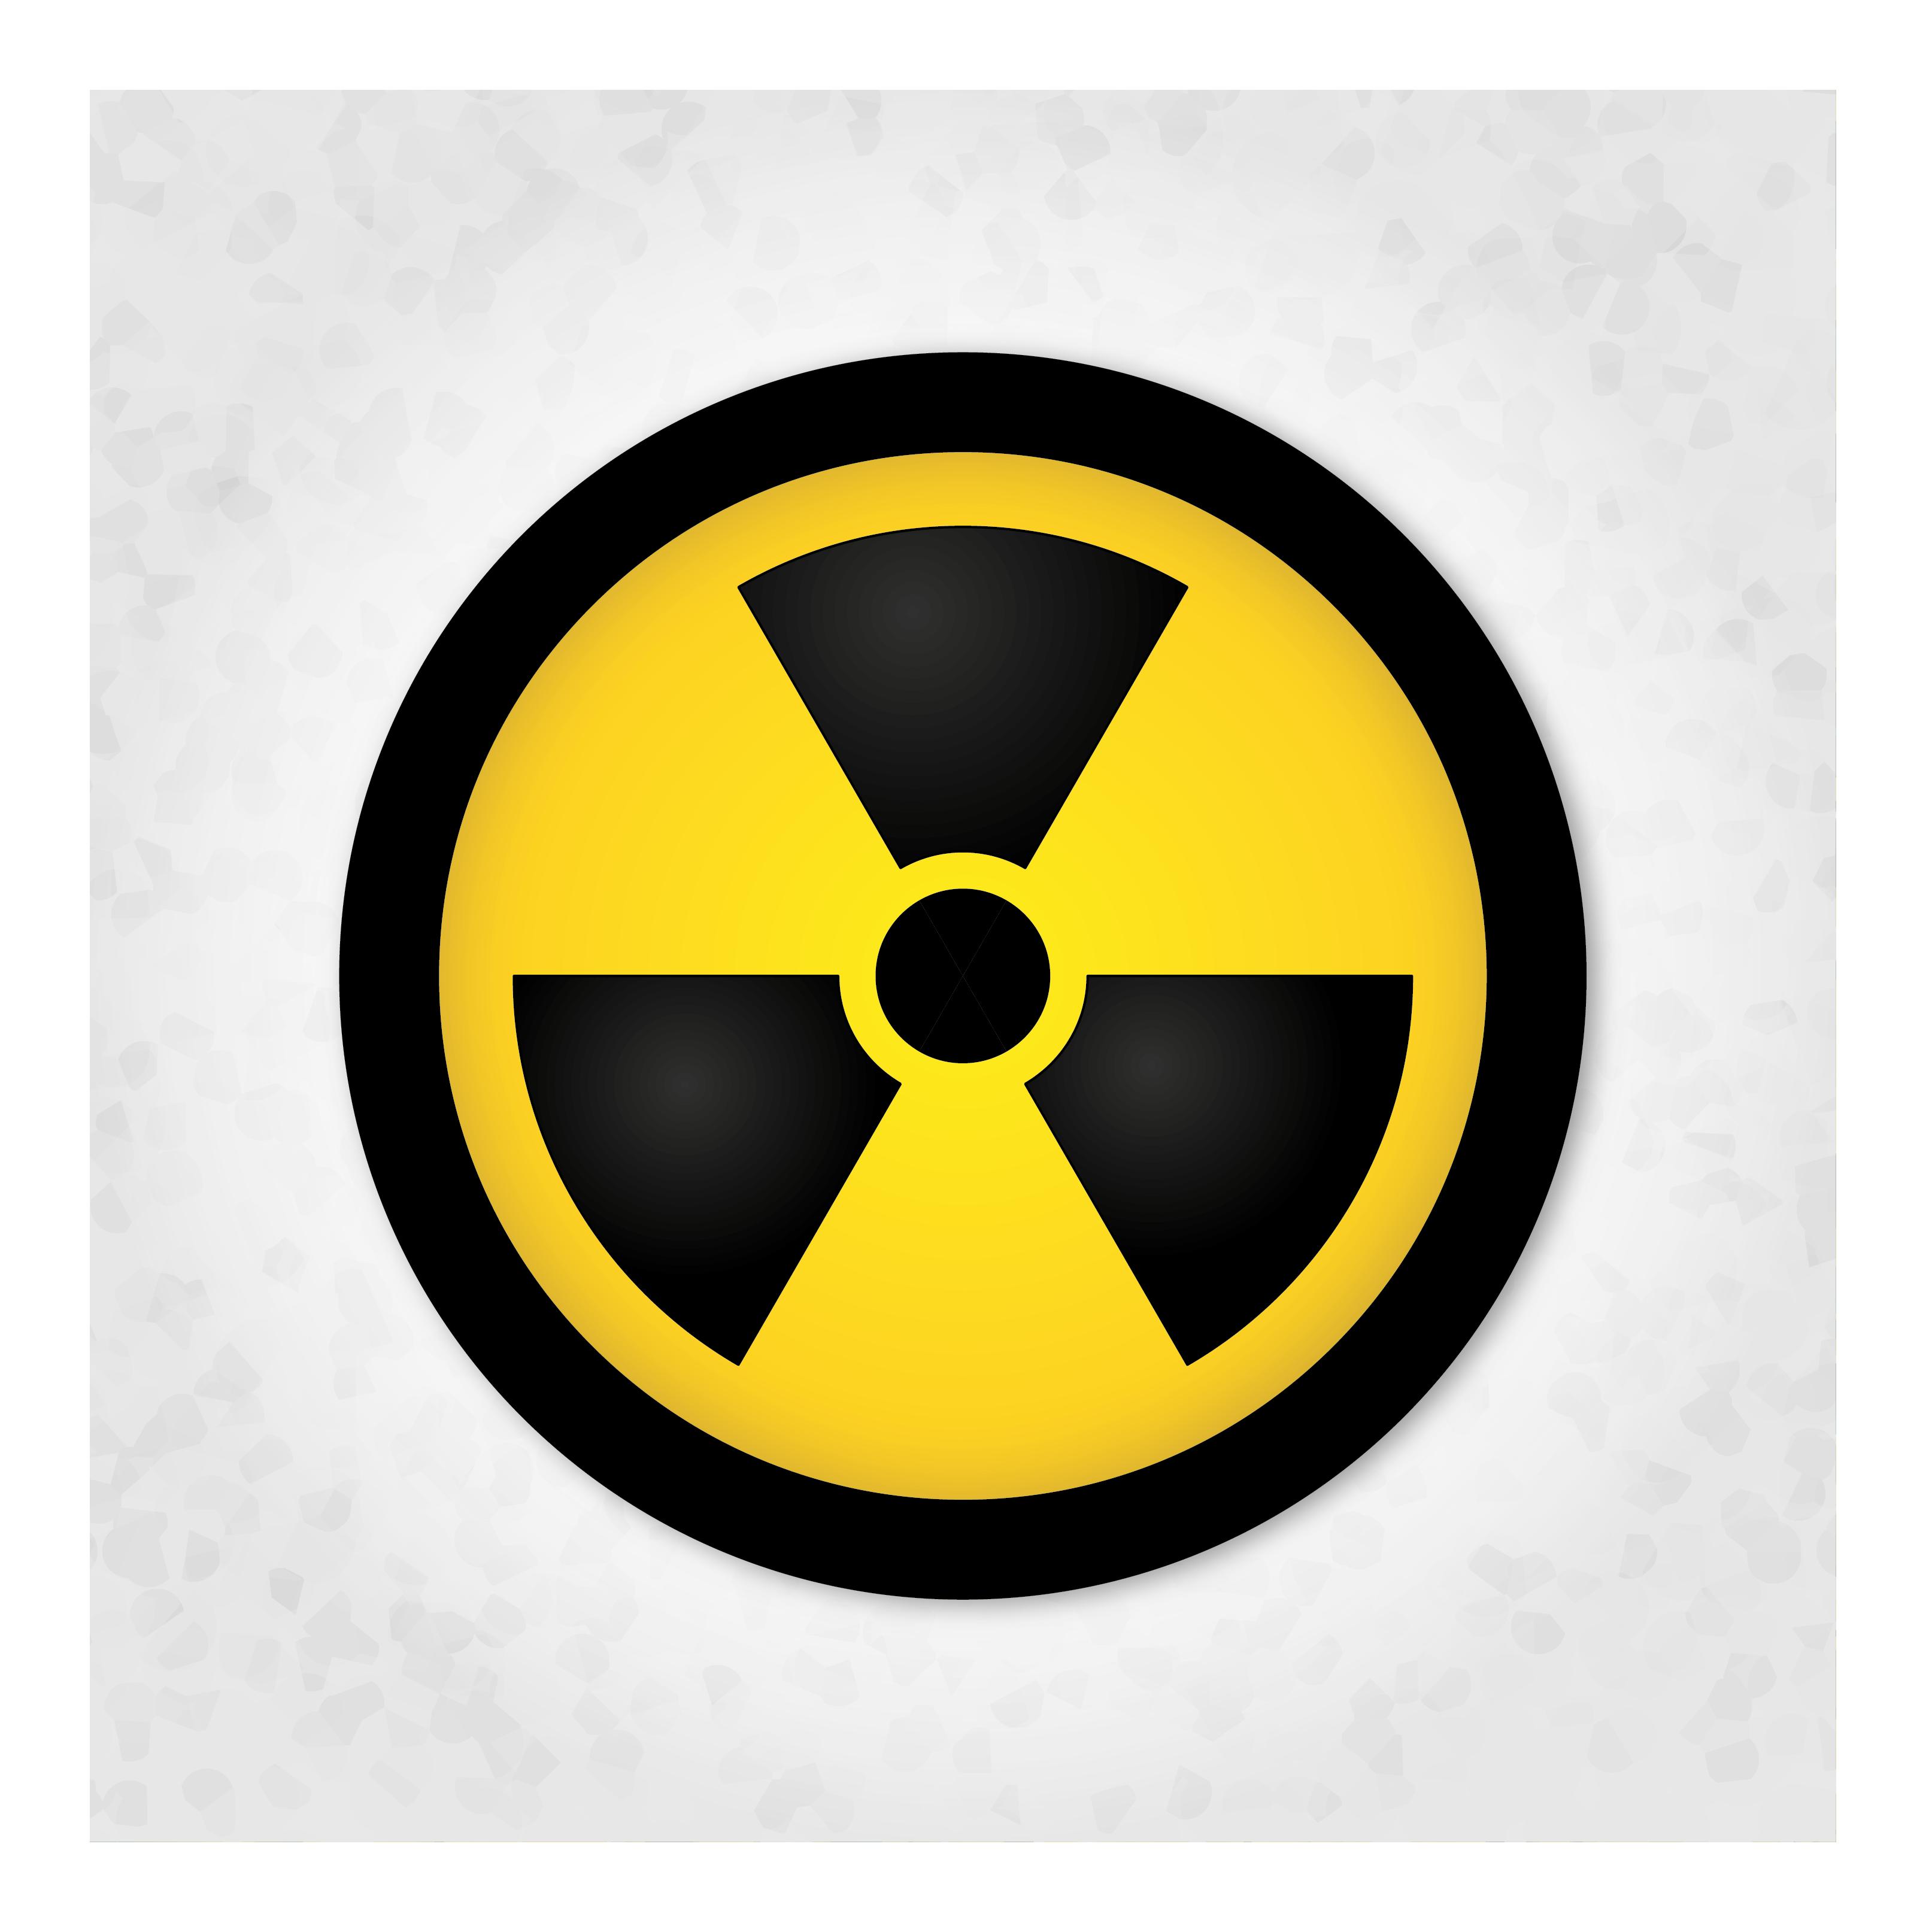 nuclear warfare symbol wwwpixsharkcom images